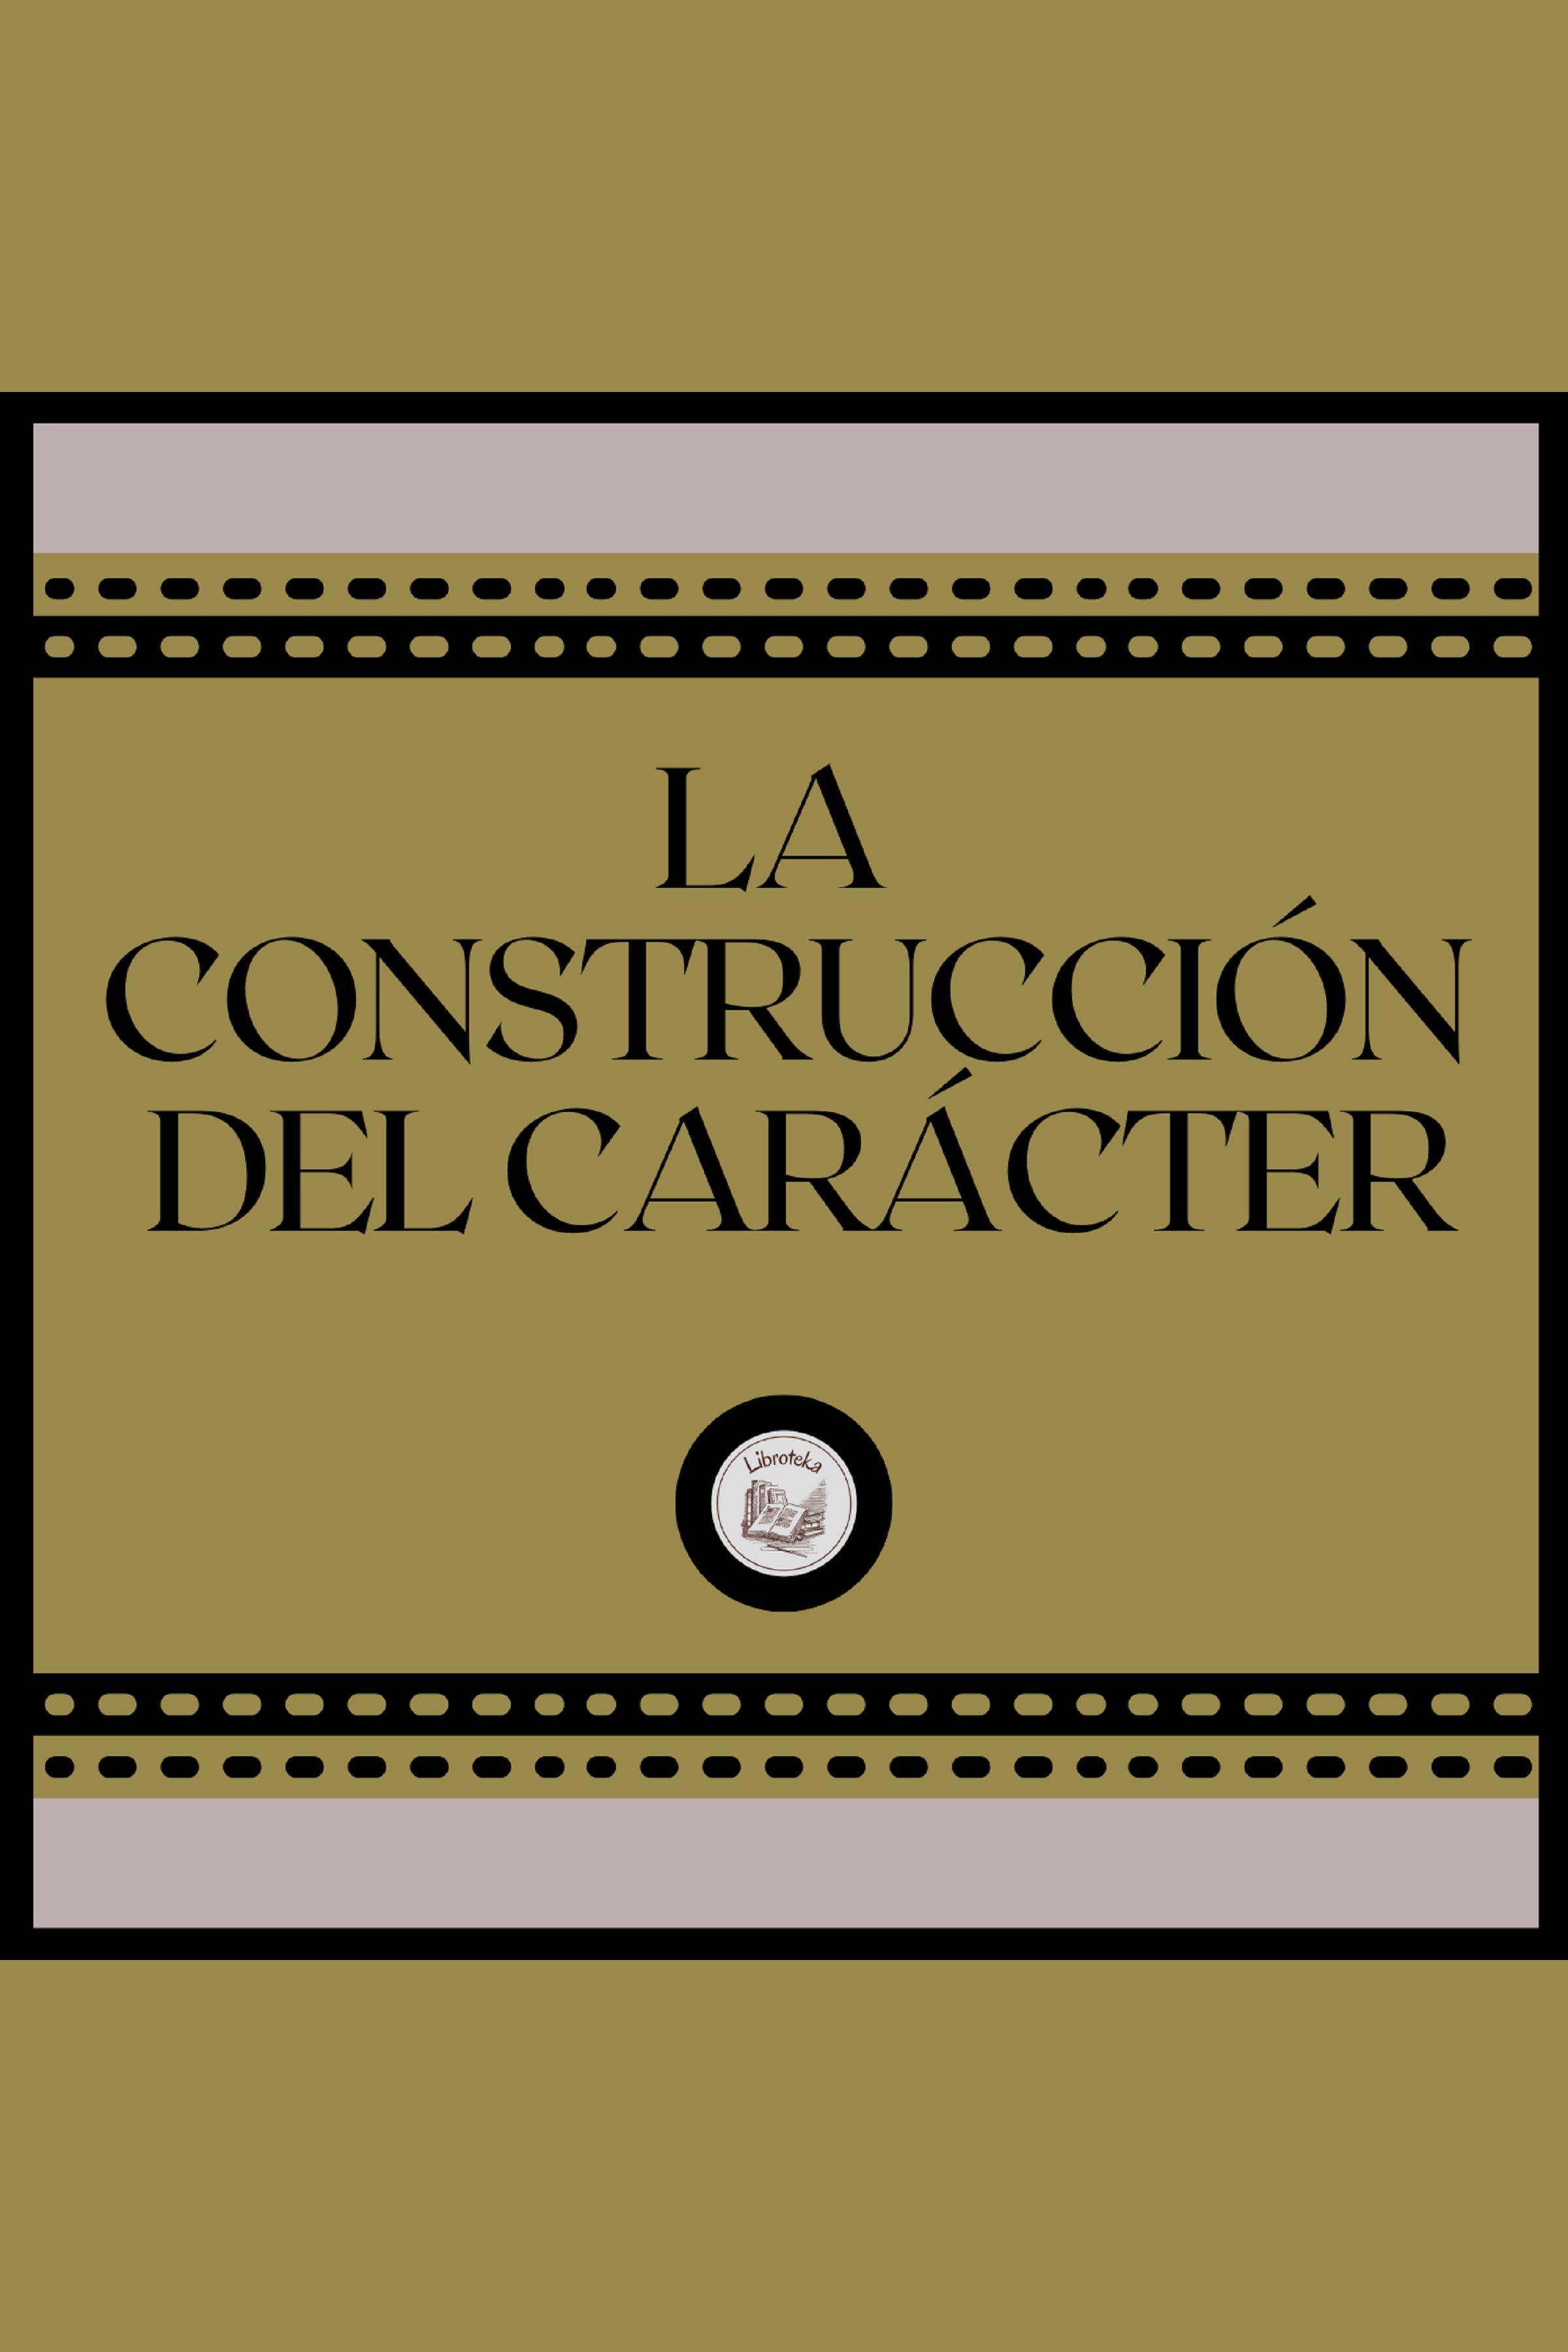 Esta es la portada del audiolibro La Construcción del Carácter